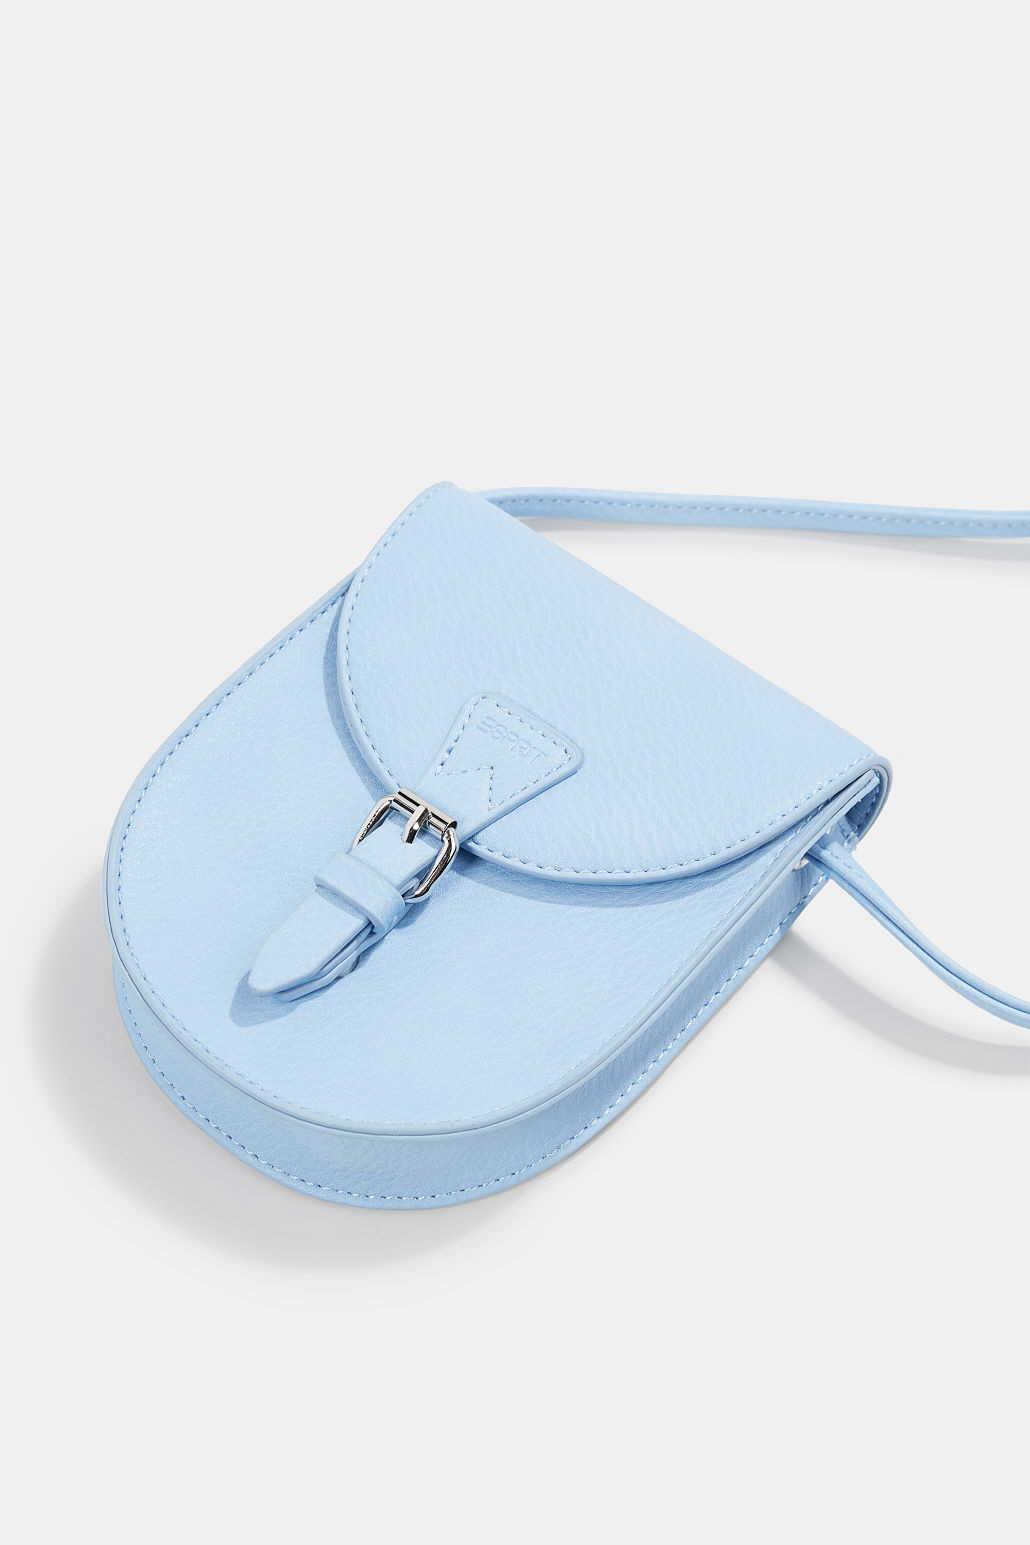 ESPRIT Umhängetaschen in hell-blau günstig kaufen